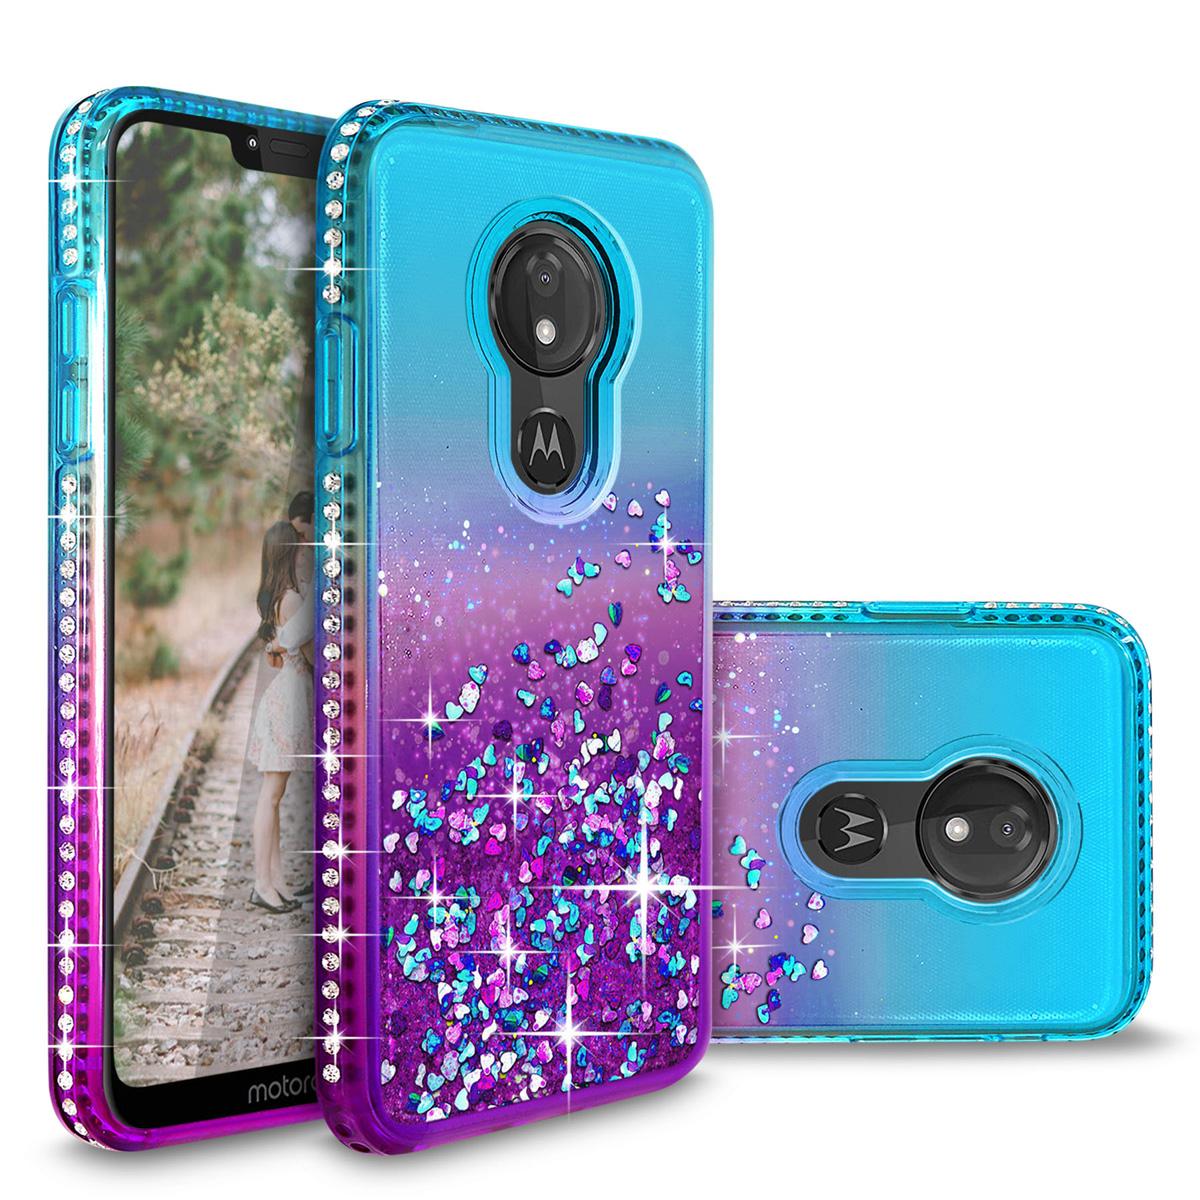 For Motorola Moto G7 Power Floating Shiny Glitter Liquid Bling Phone Case Cover Ebay